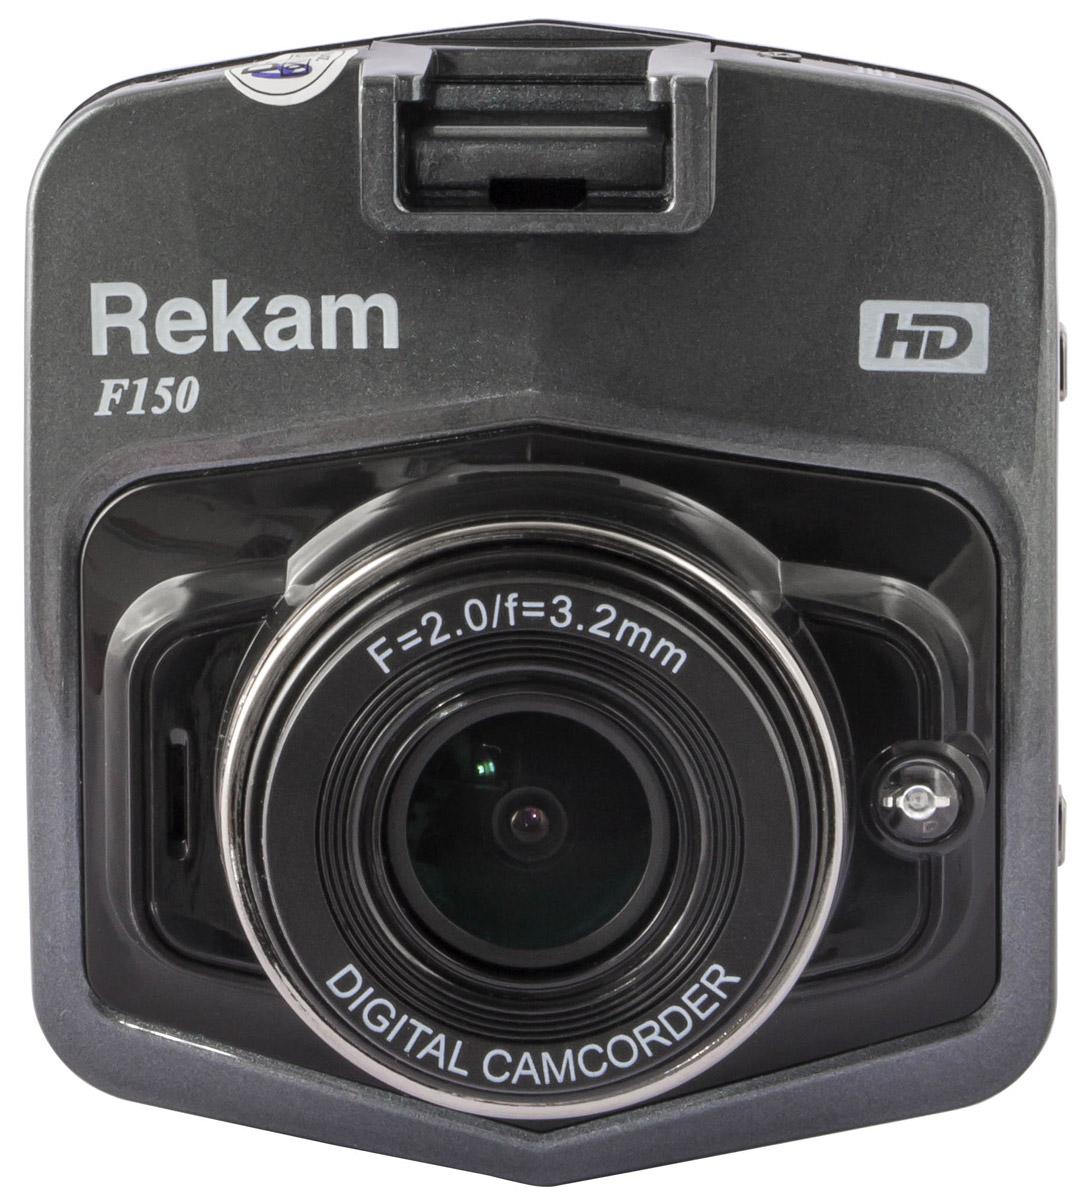 Rekam F150 автомобильный видеорегистратор